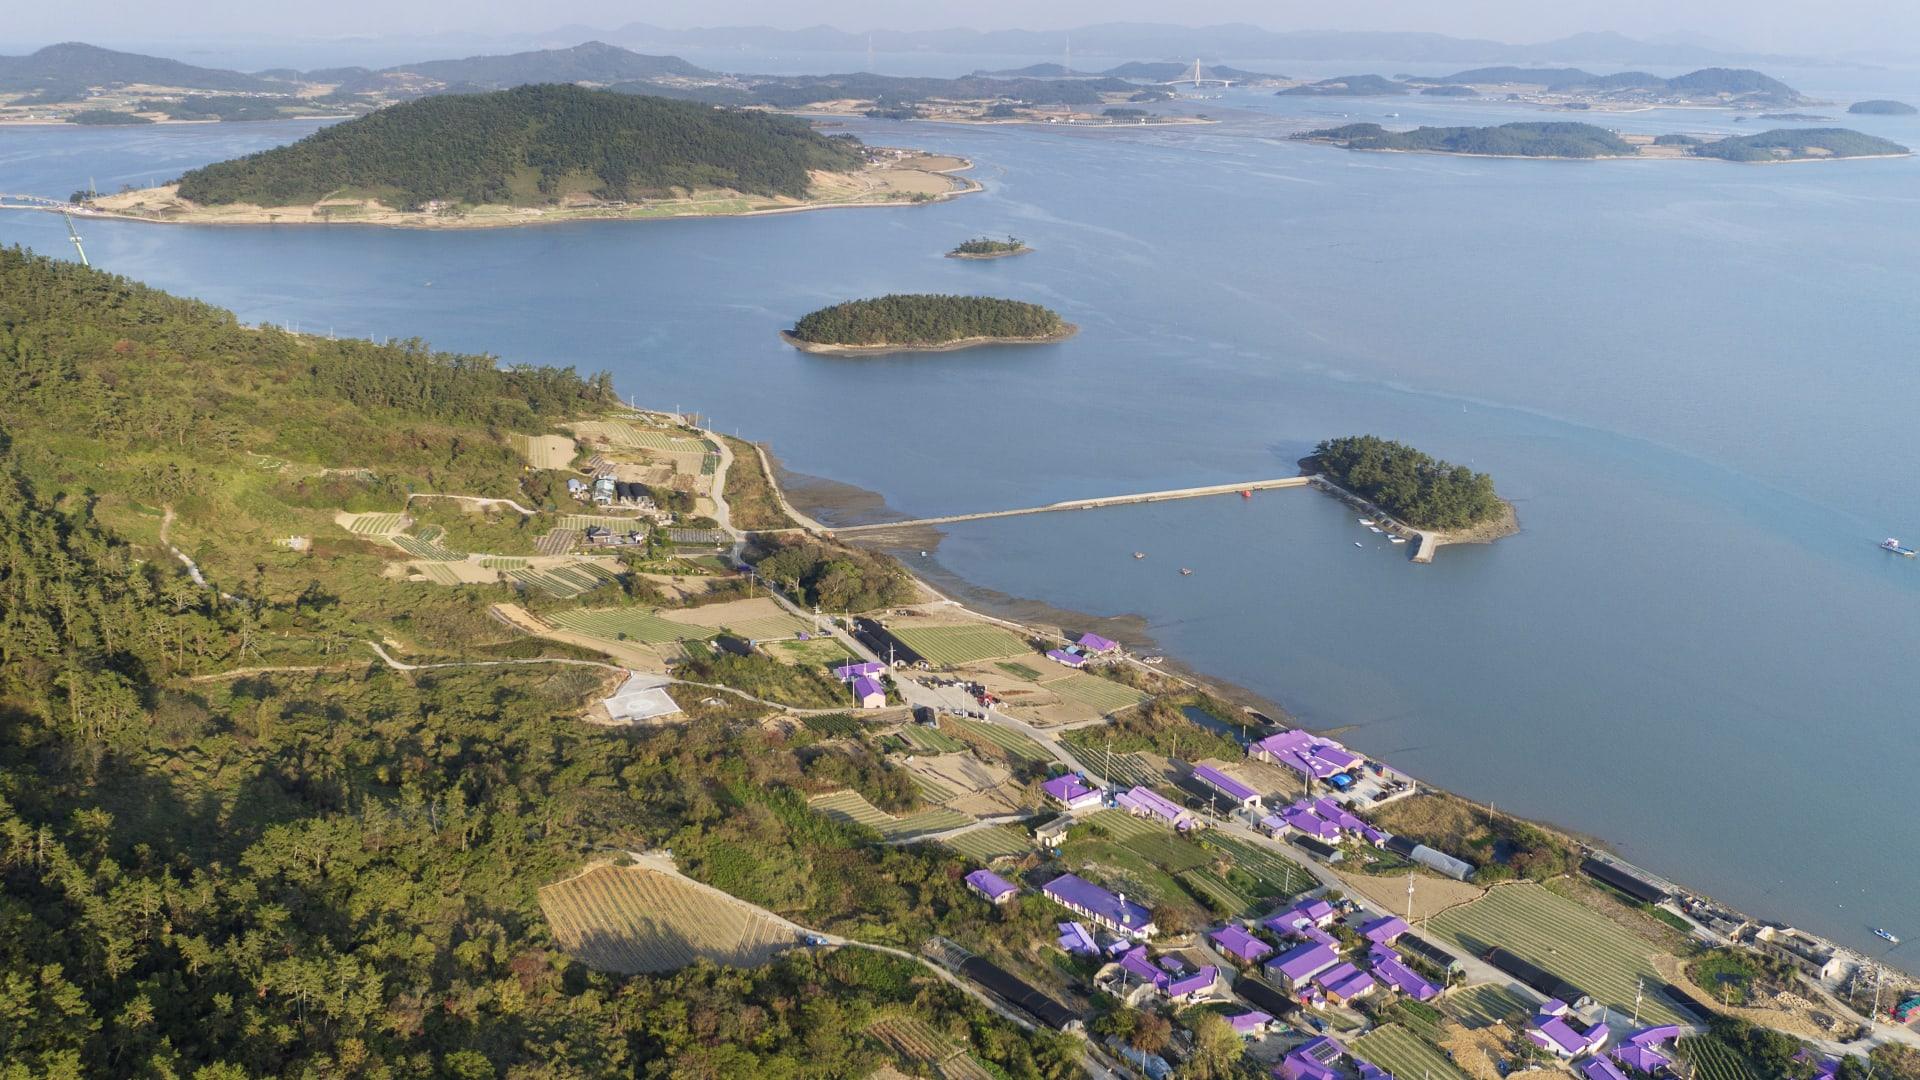 تُعد هذه الجزيرة البنفسجية في كوريا الجنوبية حلم المصورين